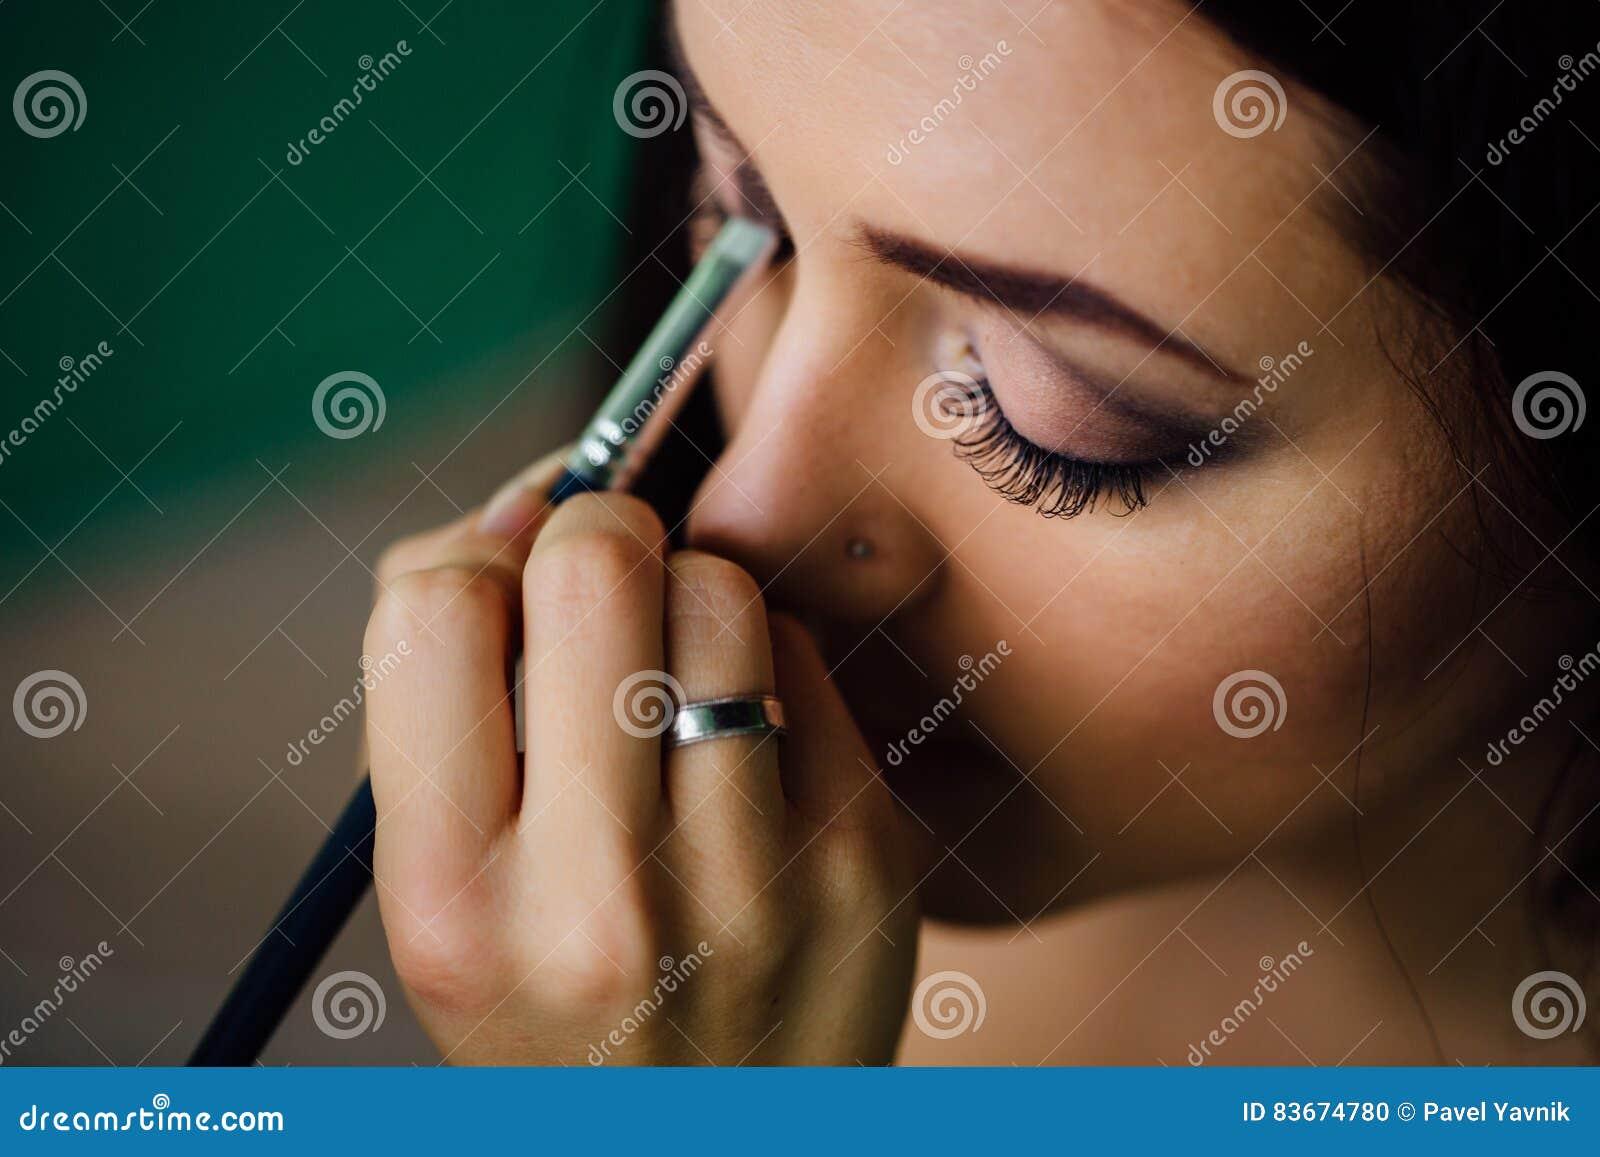 Το χέρι καλλιτεχνών σύνθεσης που εφαρμόζει το φωτεινό χρώμα βάσεων στο πρότυπο πρόσωπο ` s και που κρατά μια βούρτσα, κλείνει